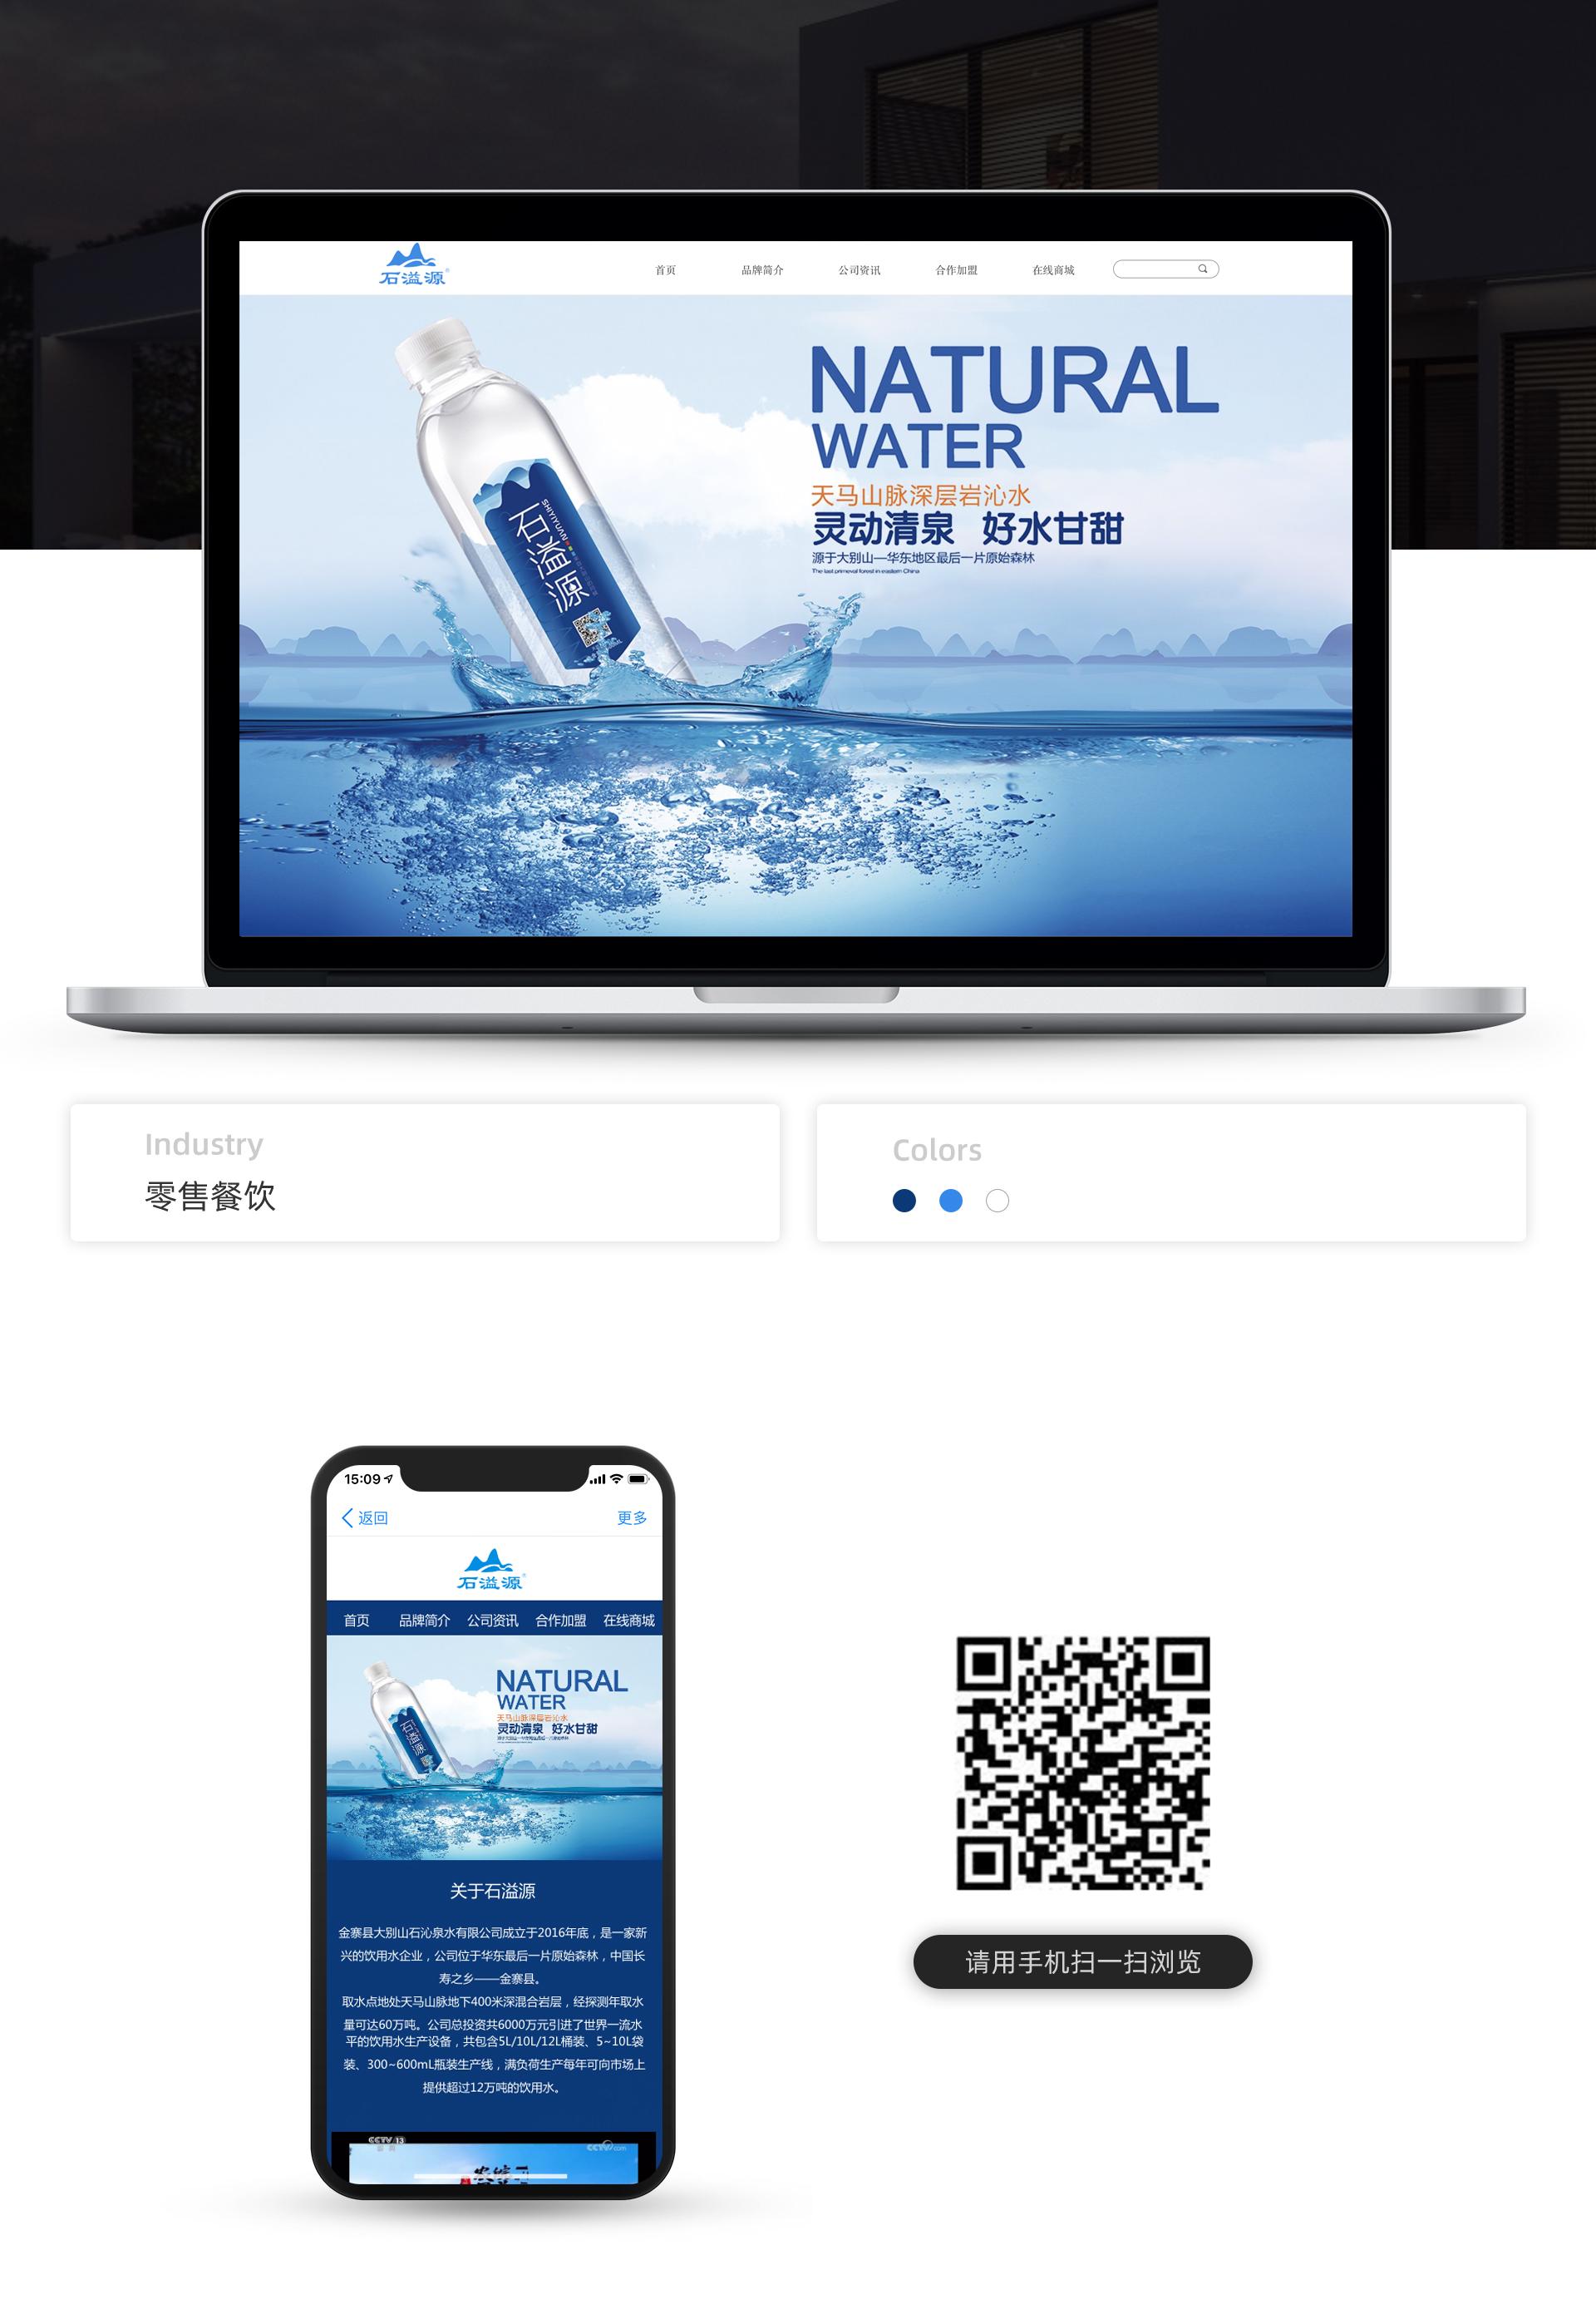 内页-云企案例设计简介-有手机版204433656930694